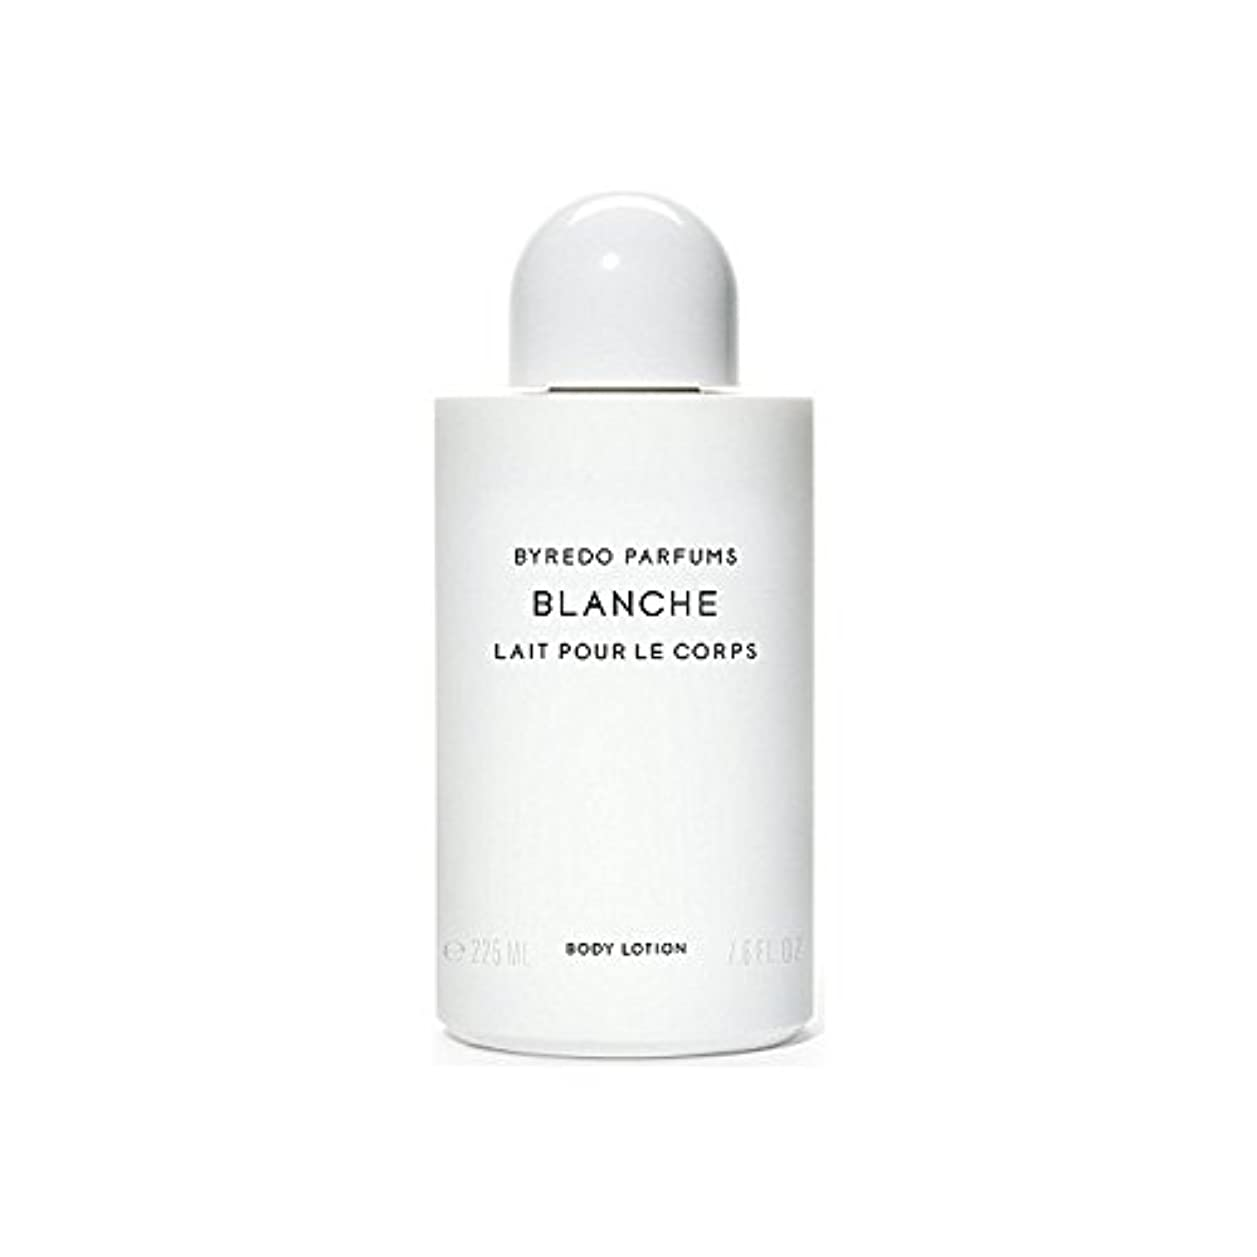 アトム延期するファンByredo Blanche Body Lotion 225ml - ブランシュボディローション225ミリリットル [並行輸入品]